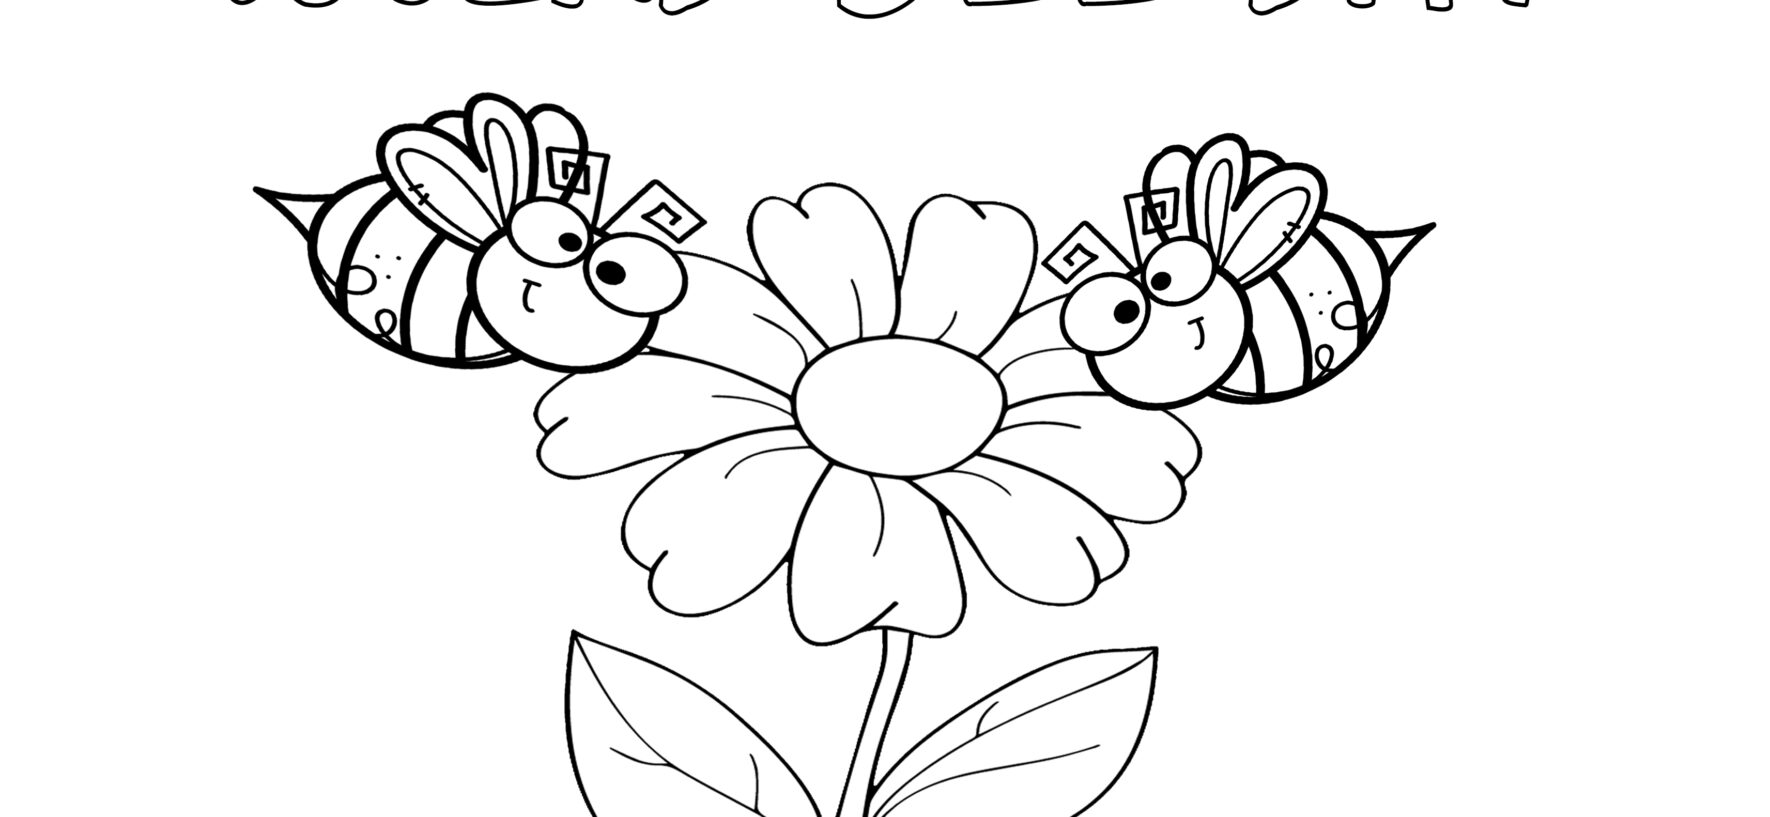 Ciclo Vitale di un'ape e disegno da colorare - Life Cycle of a BEE